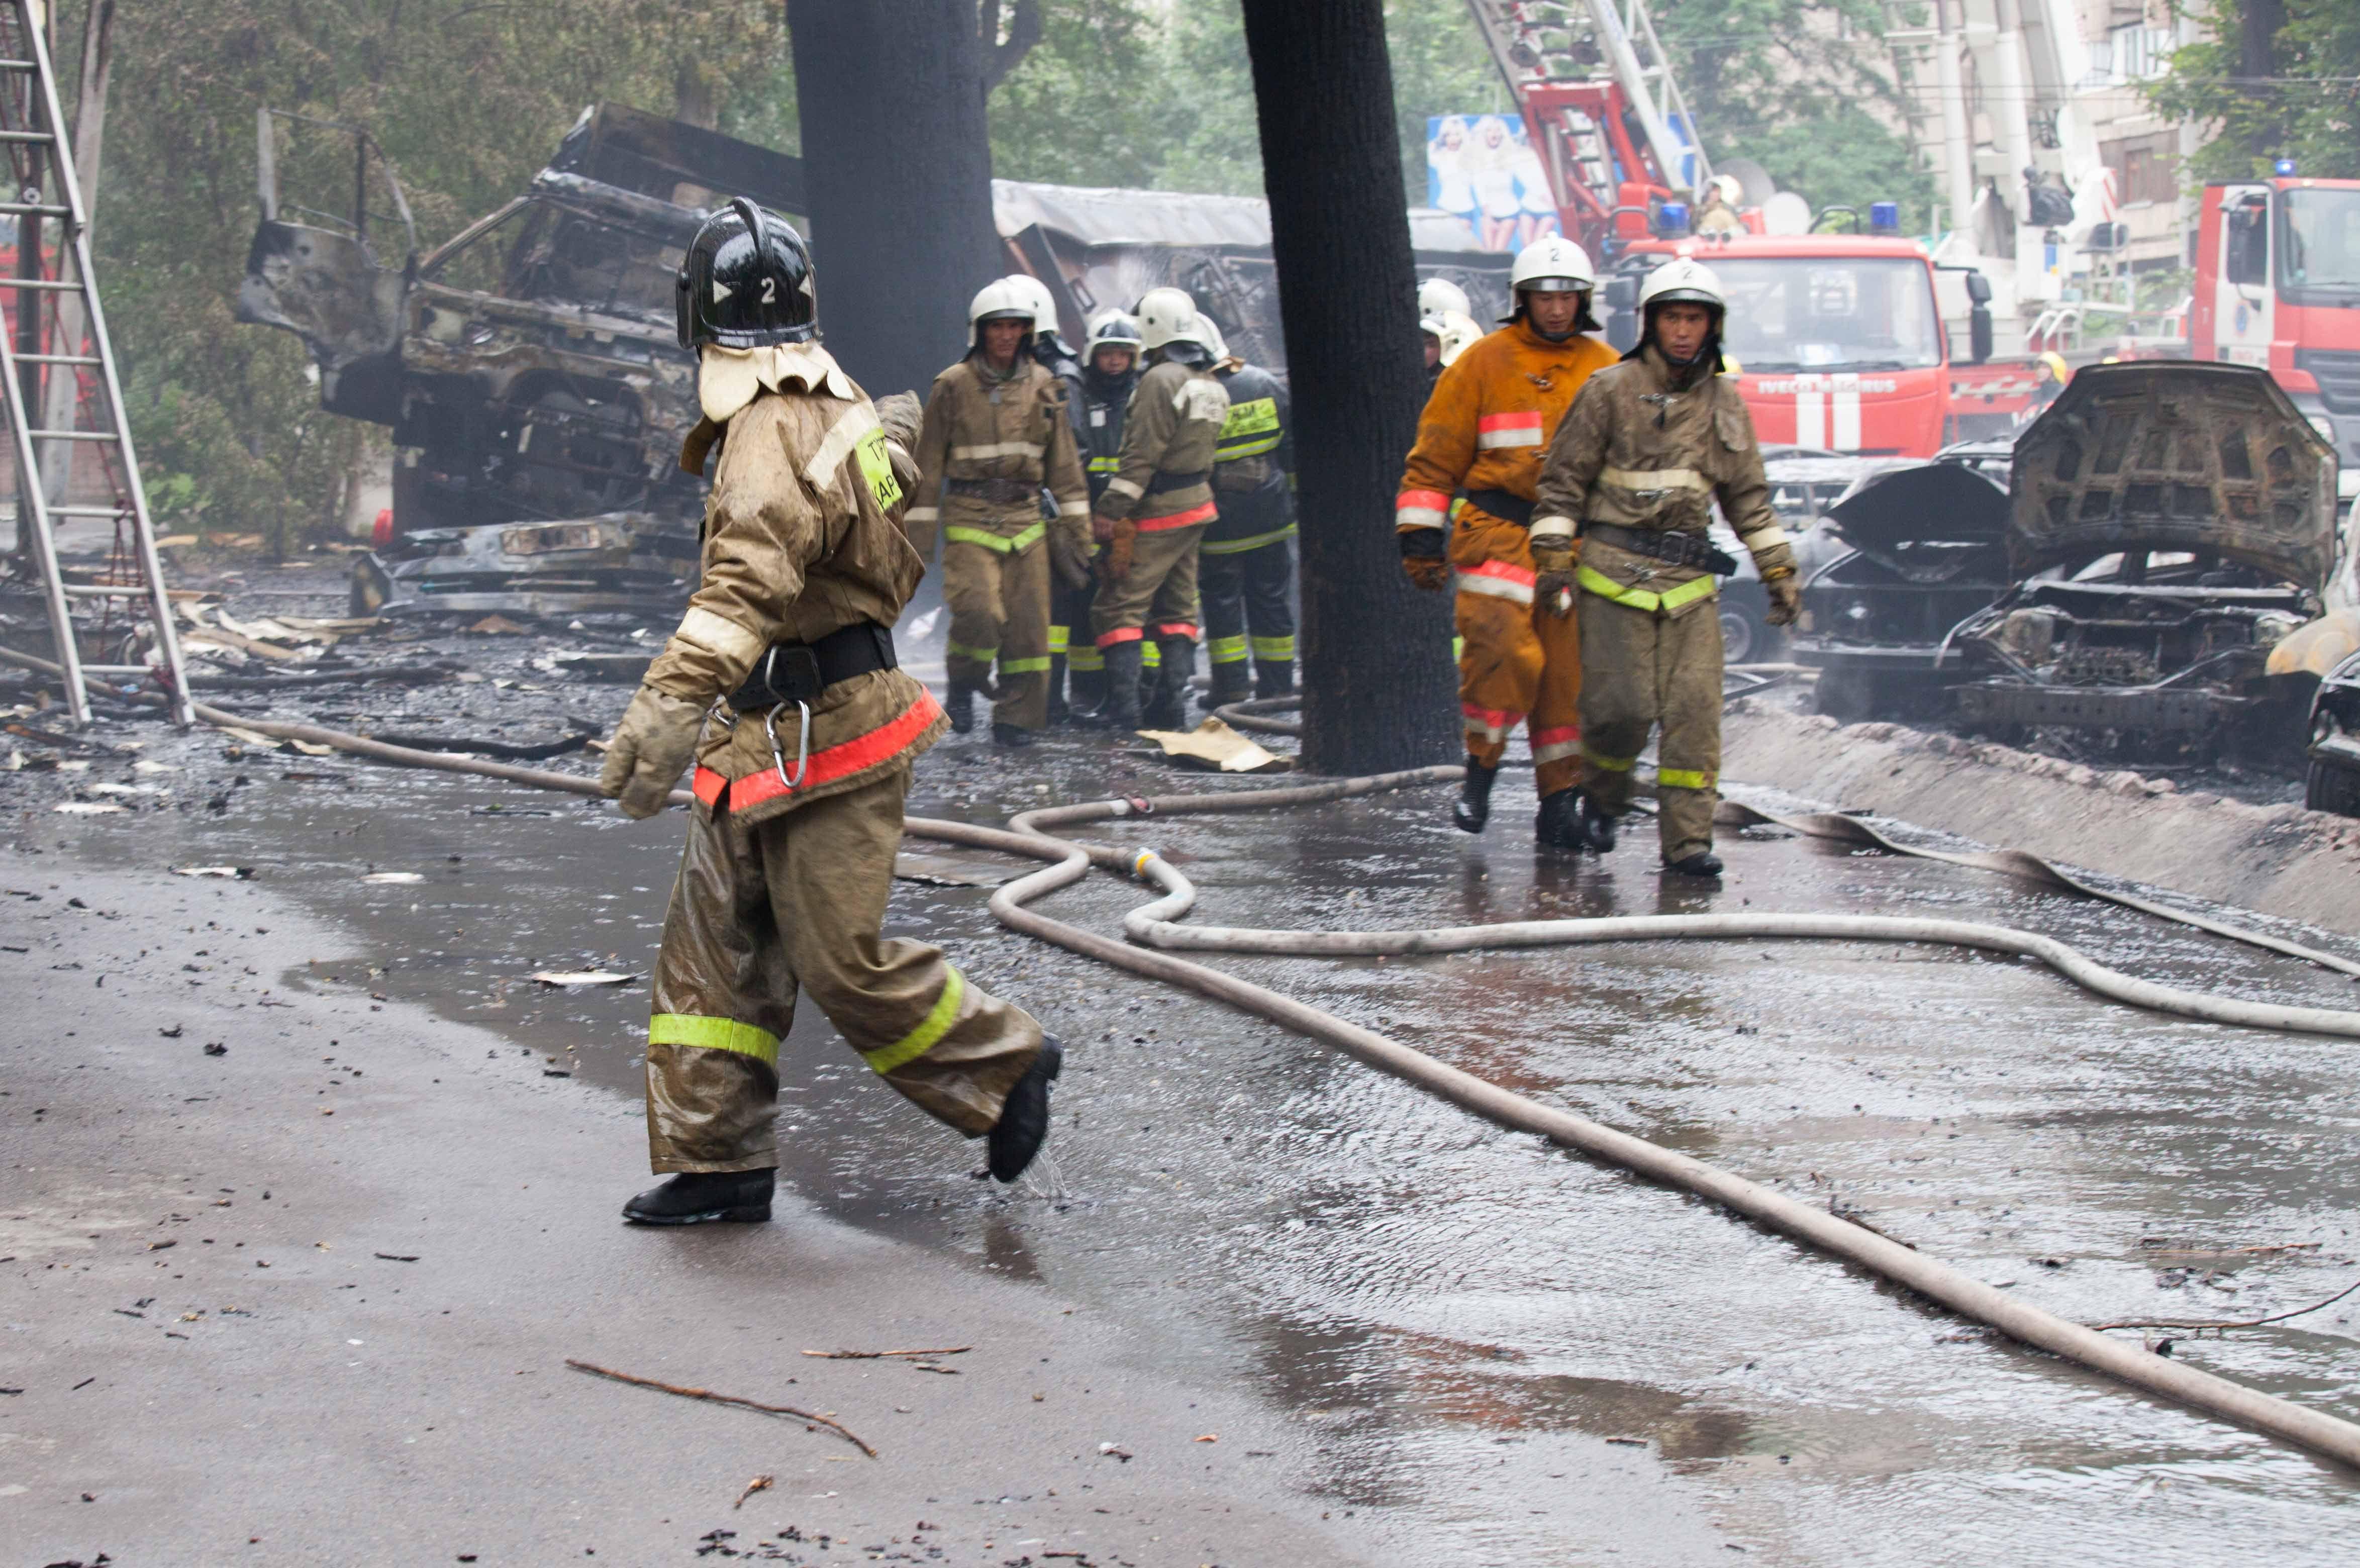 Правоохранительными органами города Алматы установлена личность погибшего при взрыве бензовоза водителя. Им оказался 27-летний житель Илийского района Алматинской области.